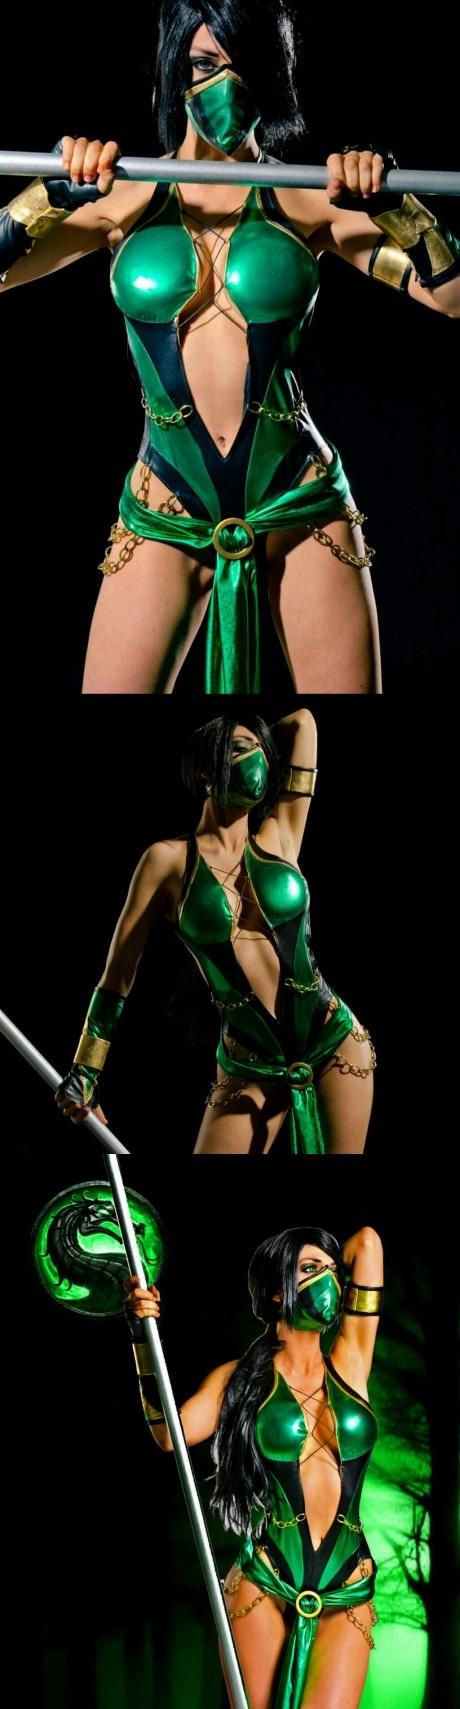 Косплей Jade Игры, Mortal kombat, Jade, Косплей, Длиннопост